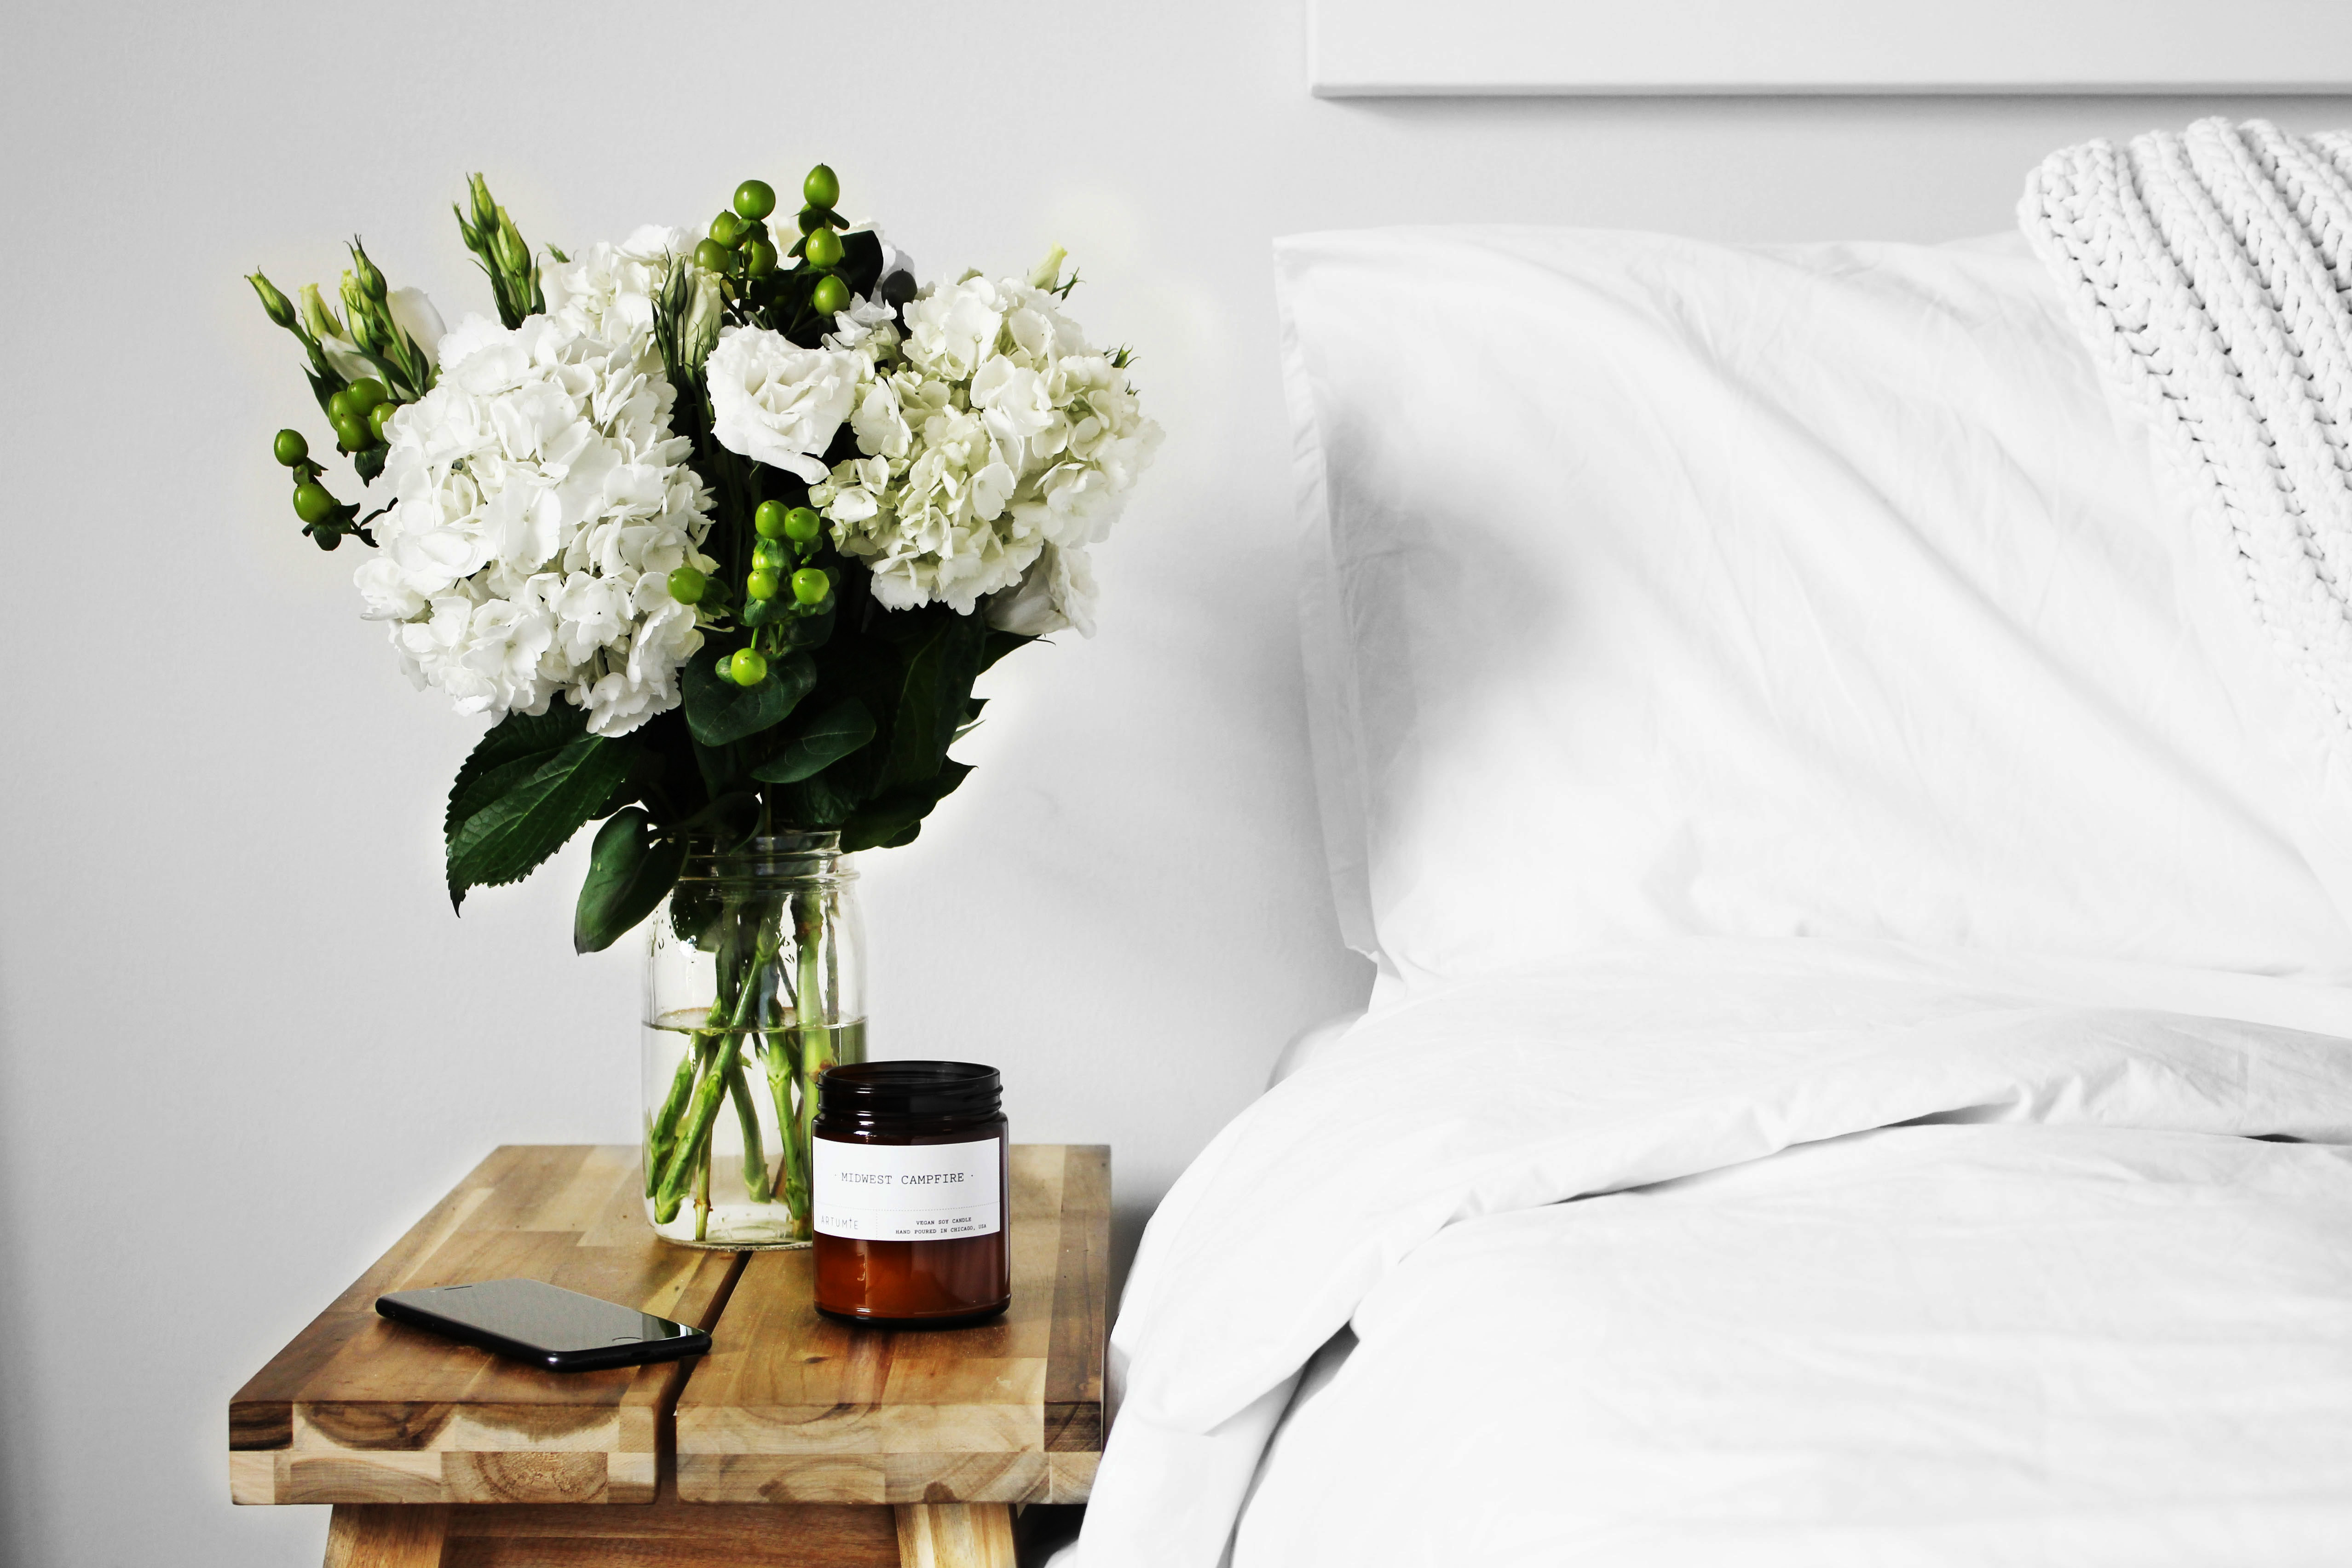 chiếc giường sạch sẽ buổi sáng